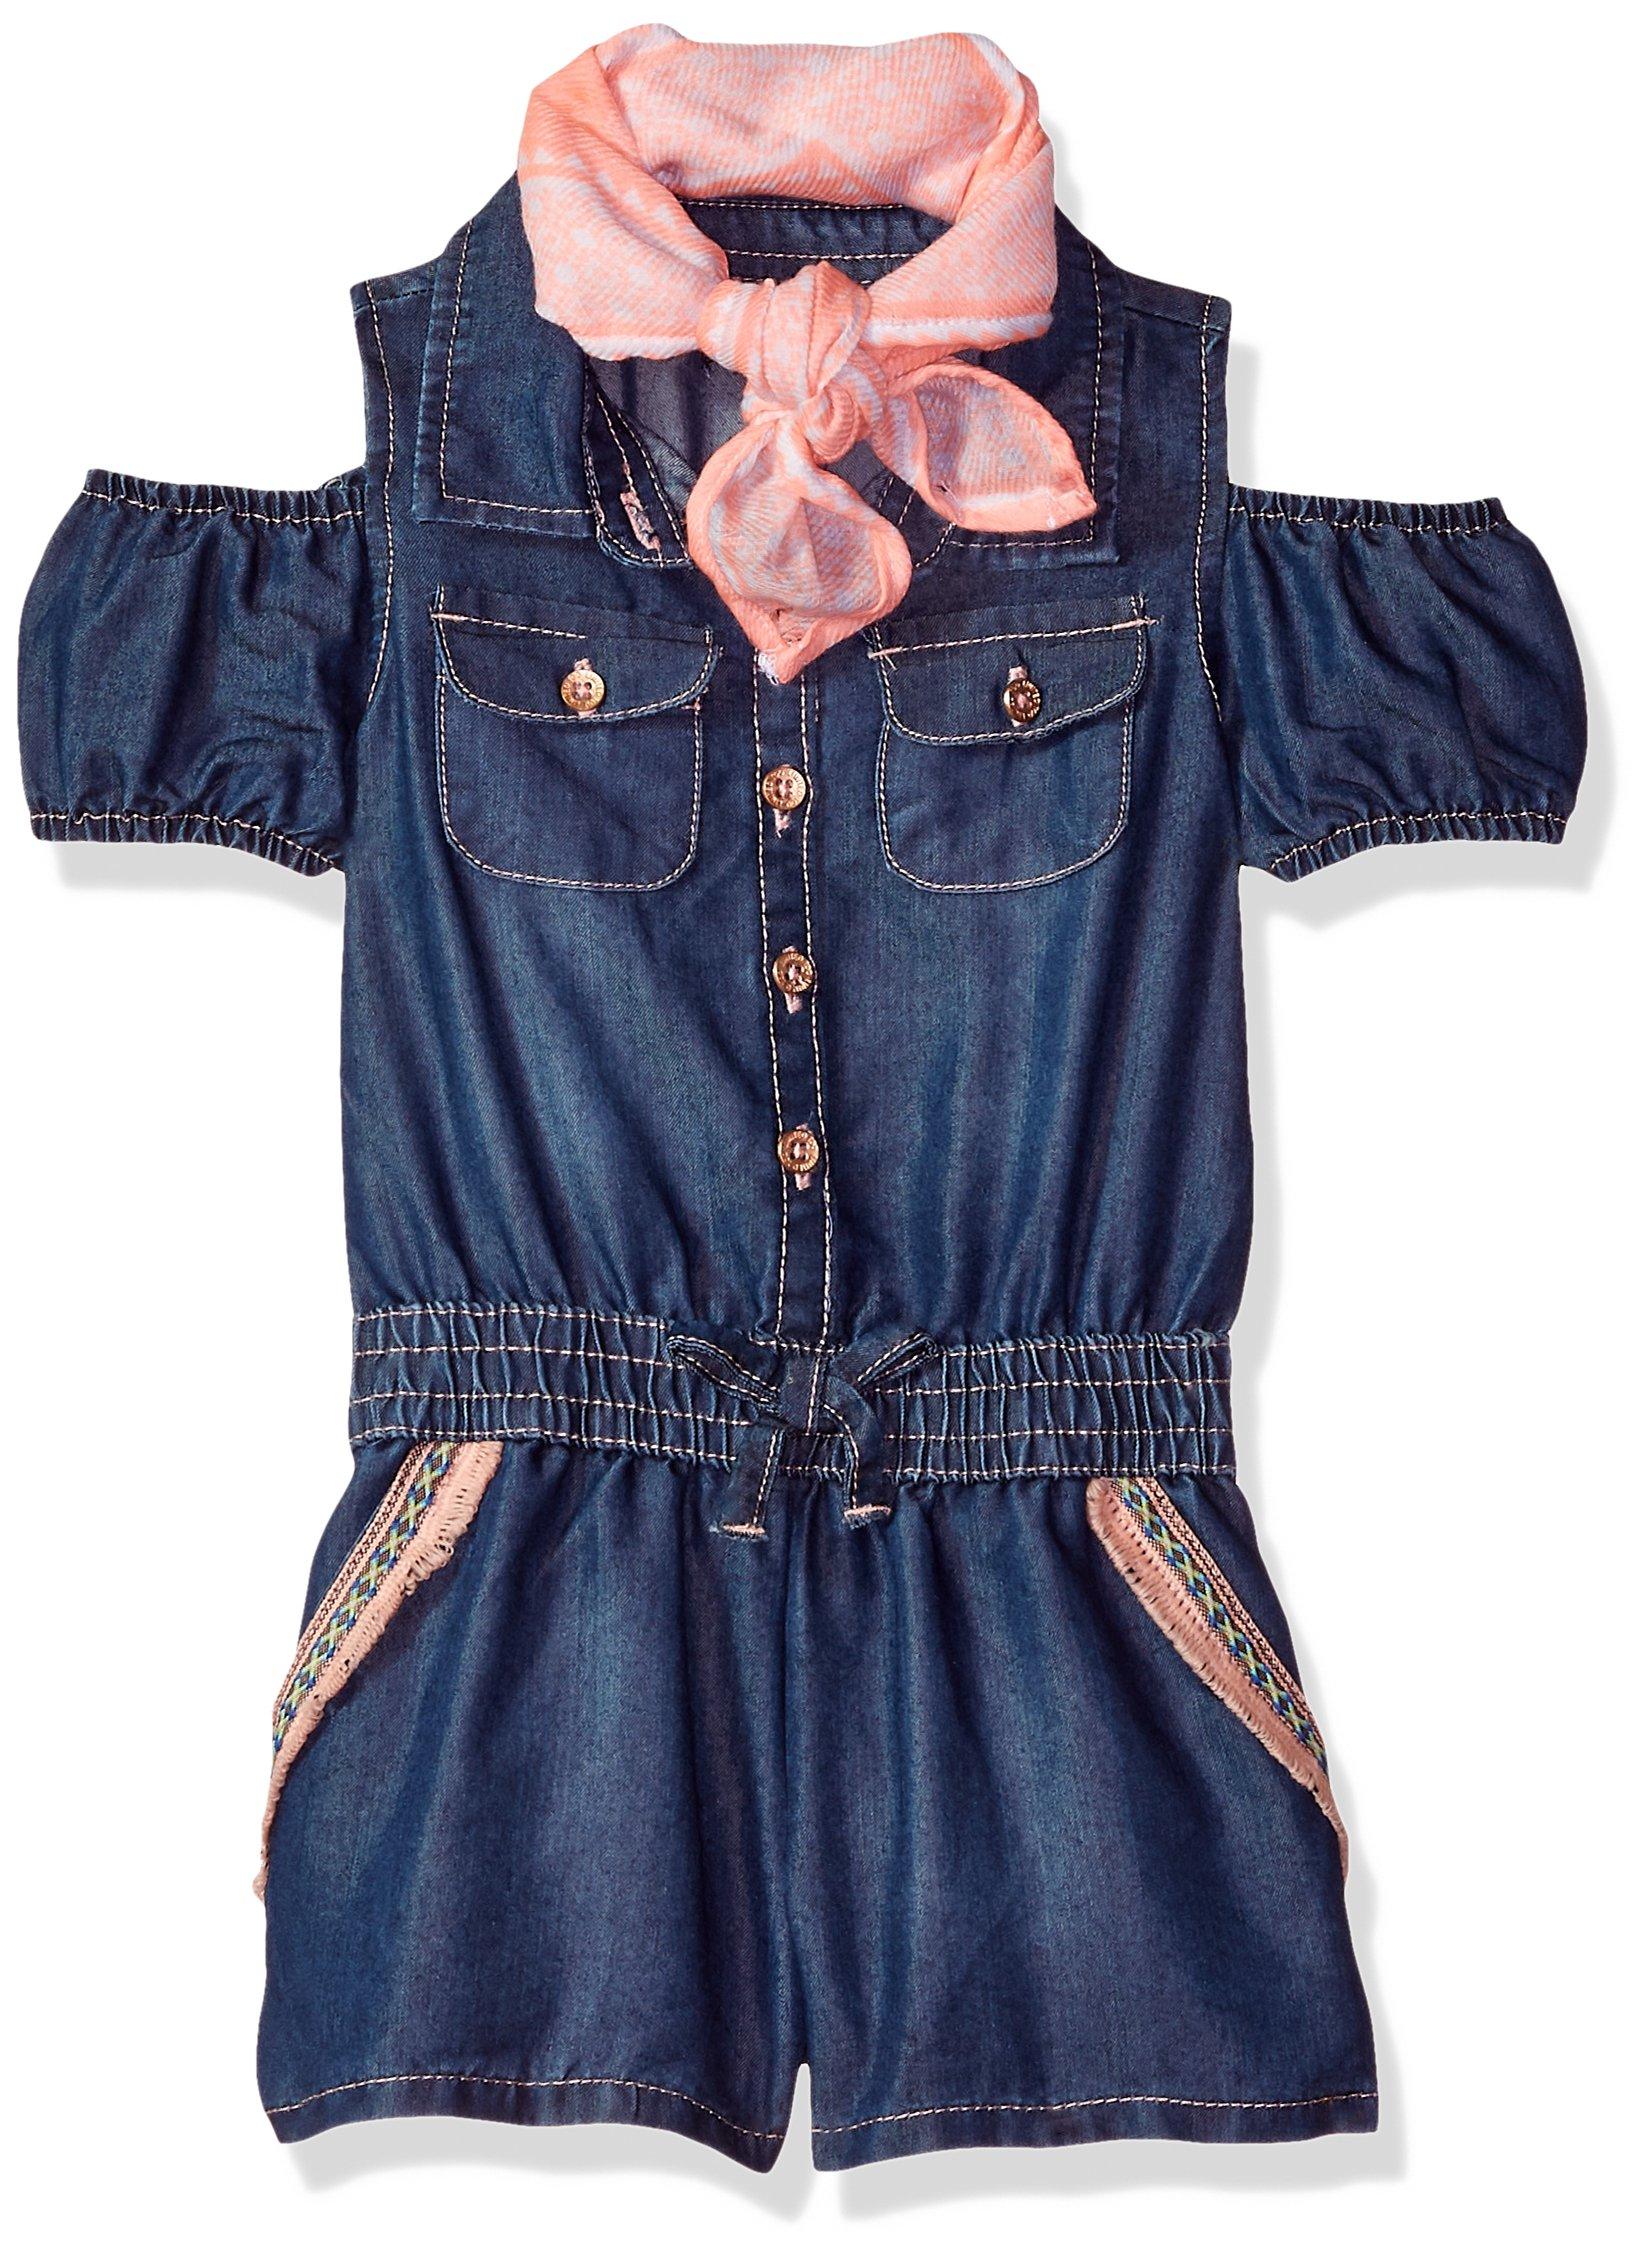 Limited Too Girls' Toddler Romper, Cold Shoulder Fringe Tape Trim Dark Blue Denim, 2T